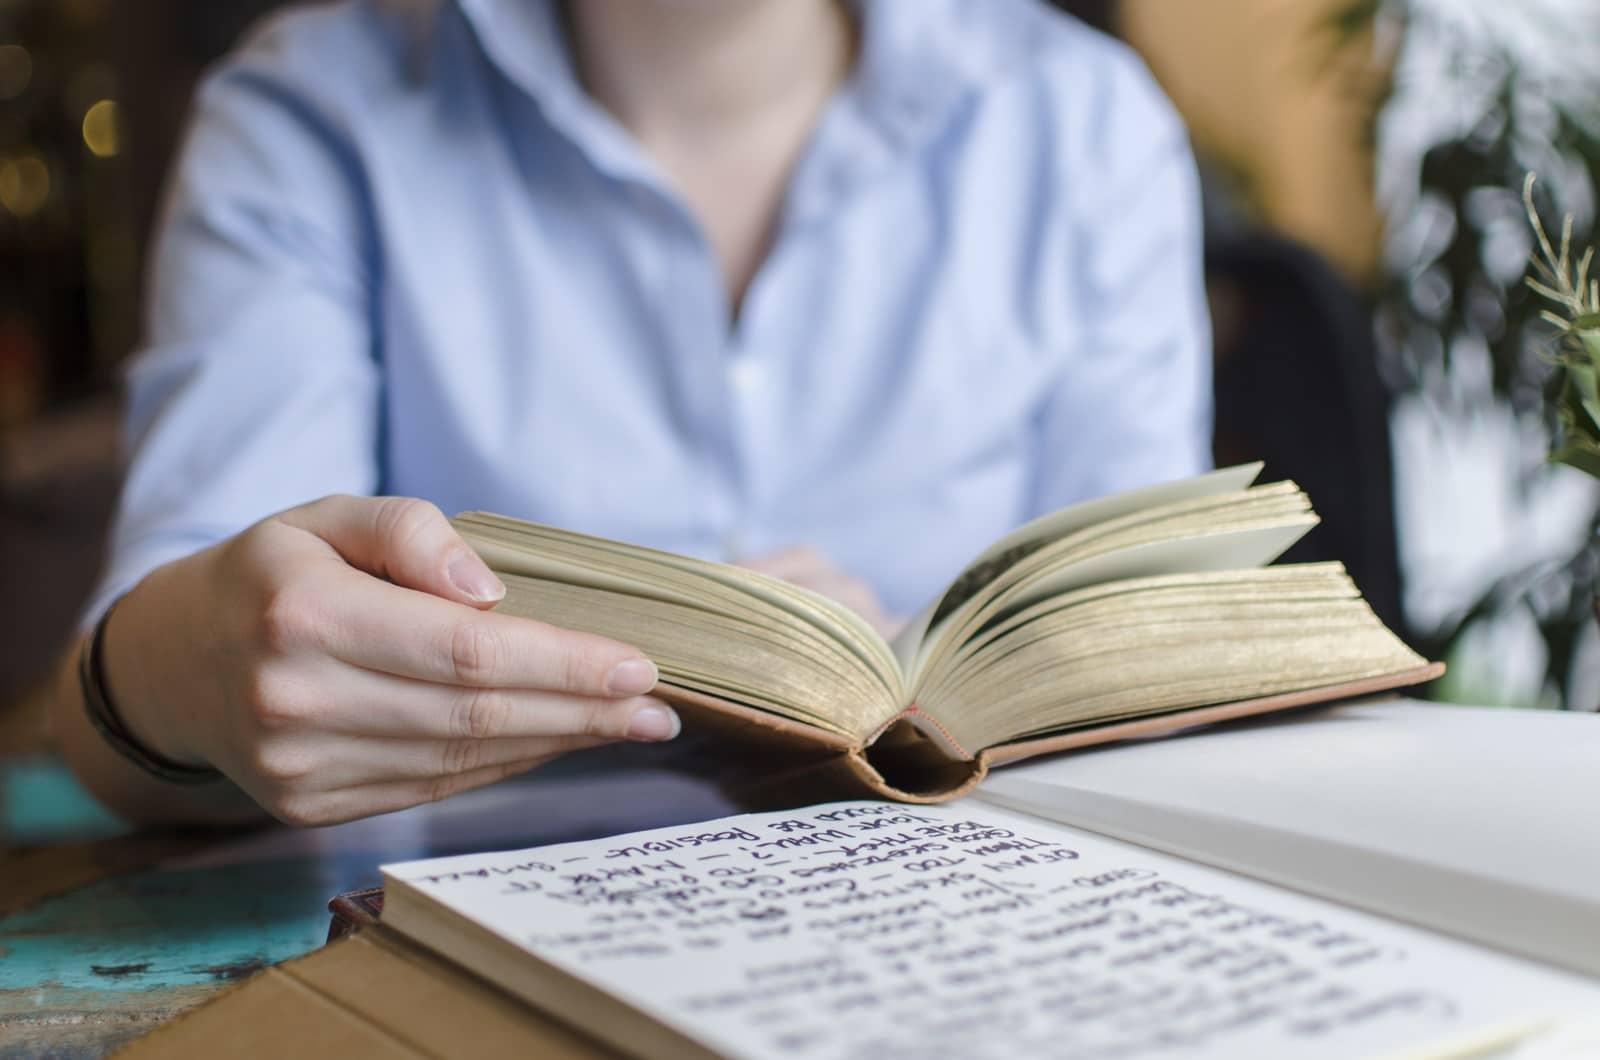 Принципы работы Екатерина Оаро Уроки писательского мастерства | Вдохновить на роман